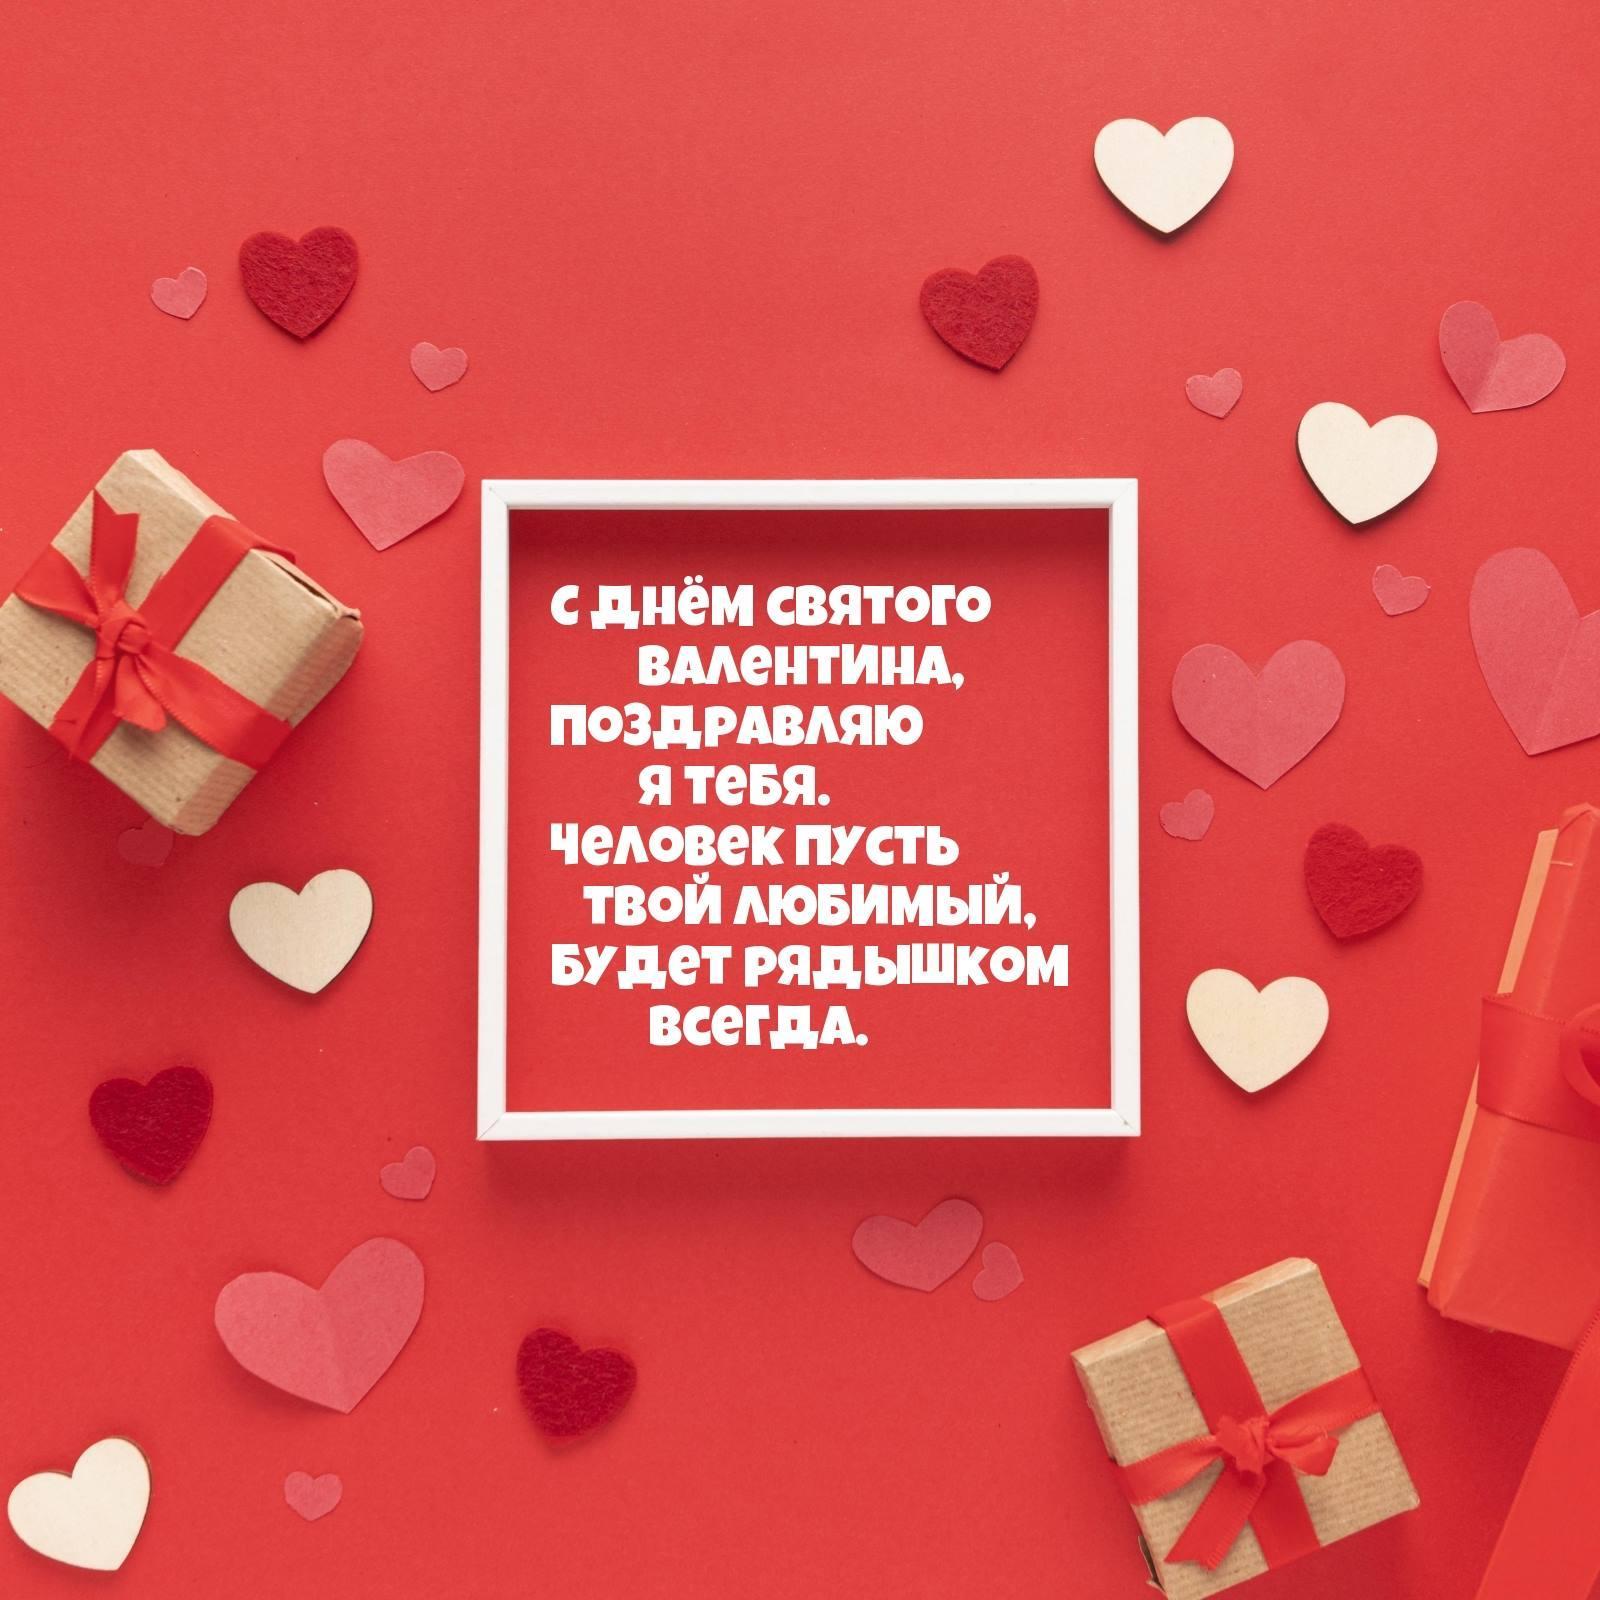 Фото День святого Валентина: картинки, валентинки, стихи для поздравления любимых в 2021 году 4